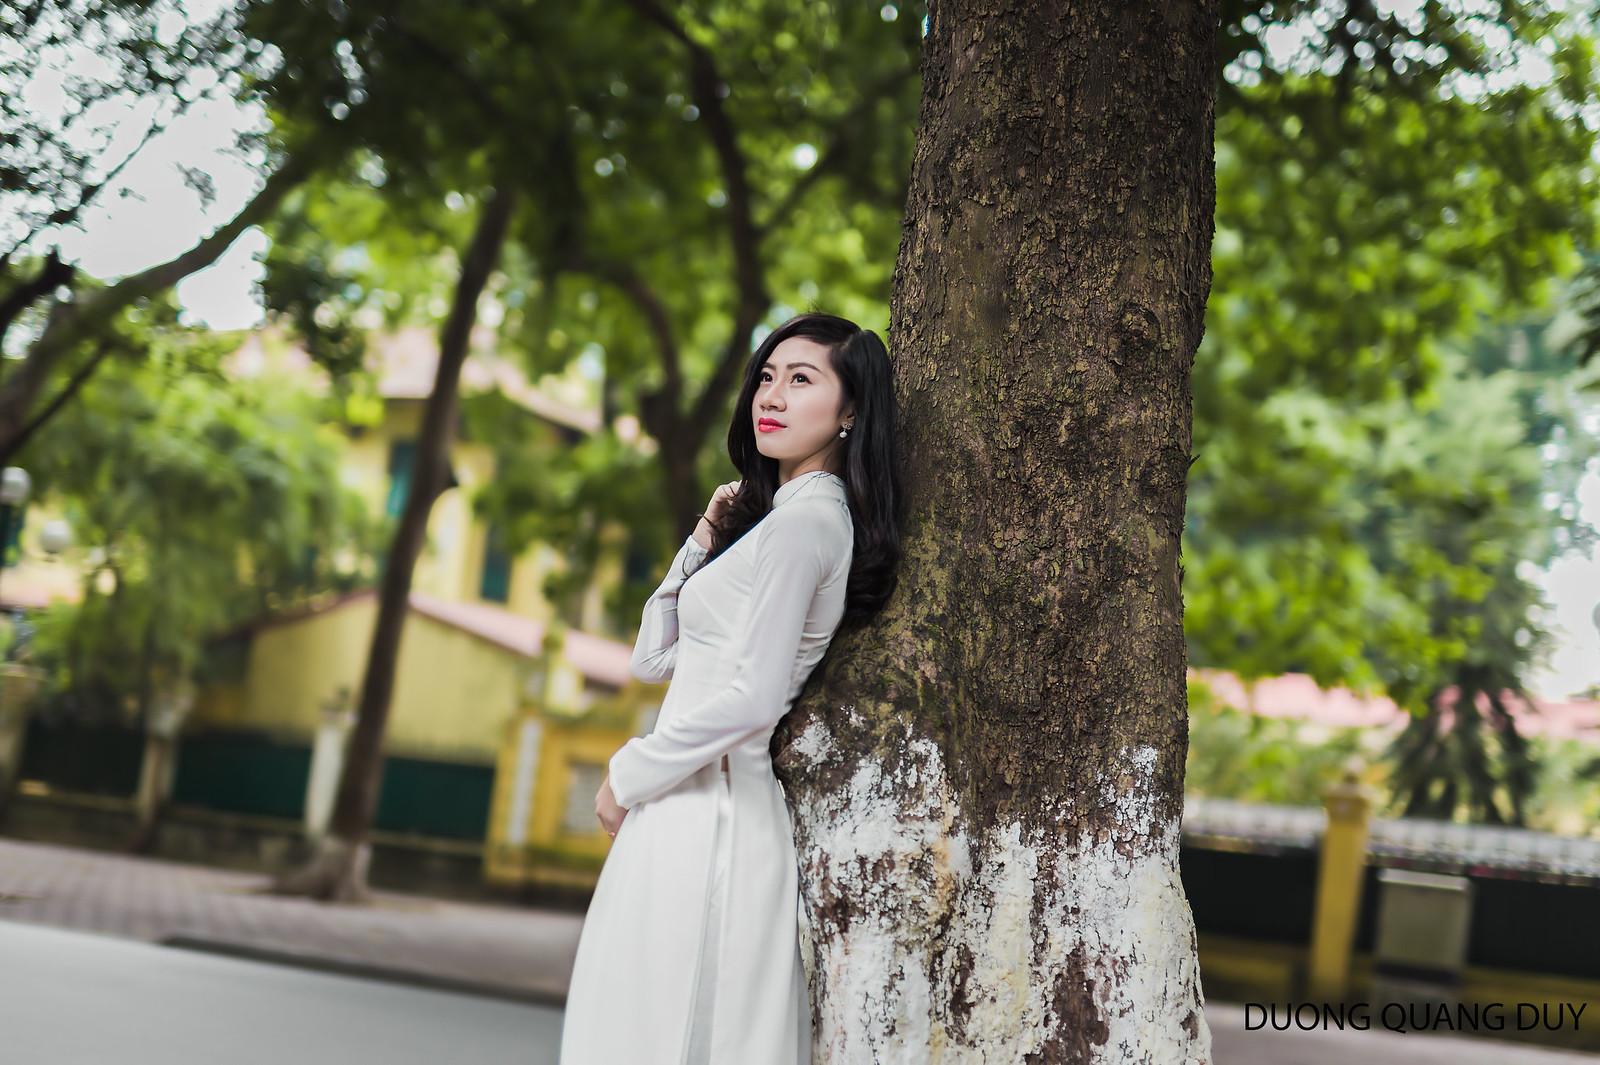 Áo dài trắng - Hà Nội chớm đông 2